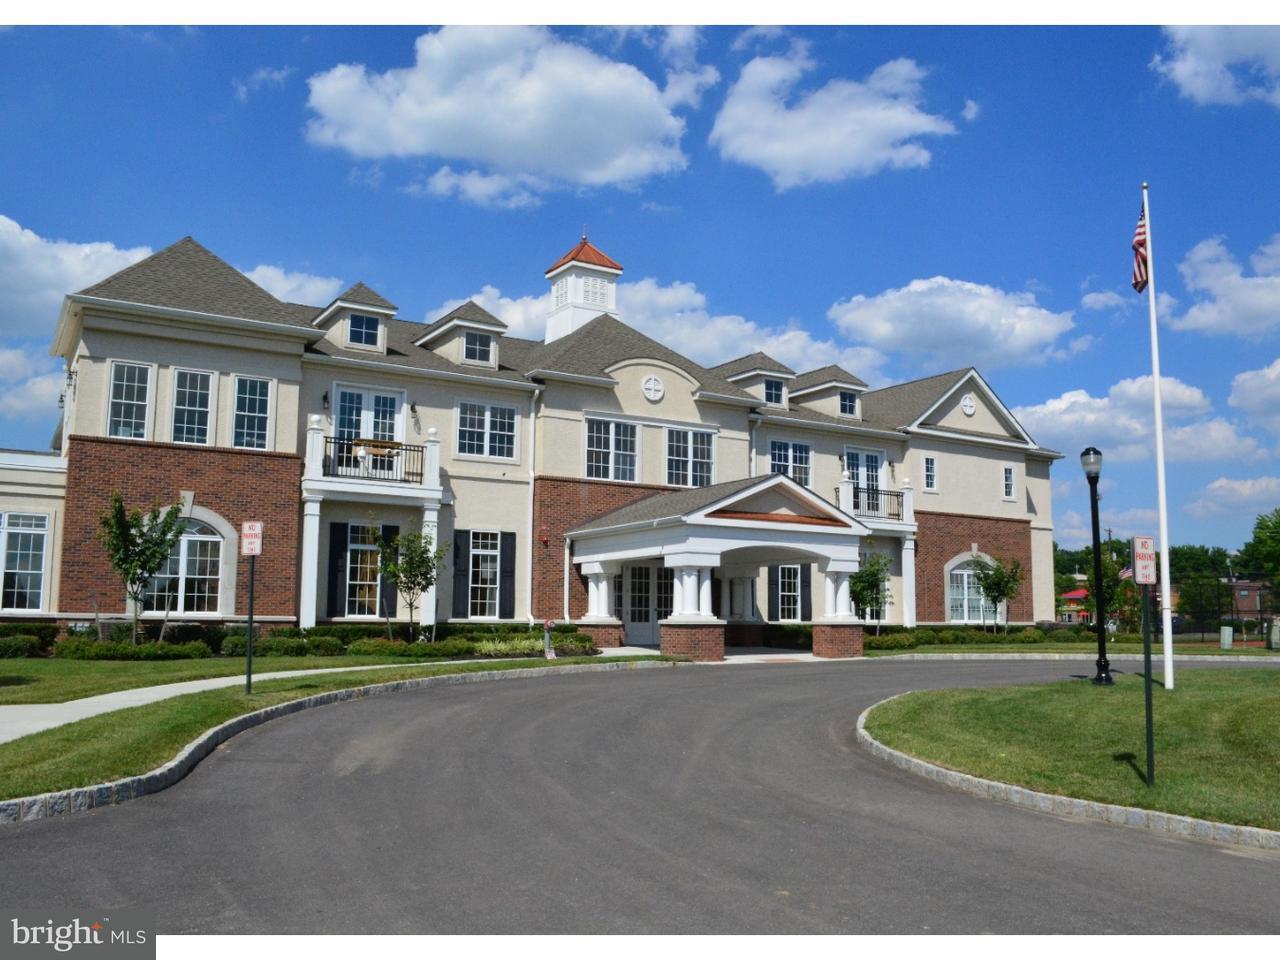 Частный односемейный дом для того Аренда на 431 CITATION LN #431 Cherry Hill, Нью-Джерси 08002 Соединенные Штаты